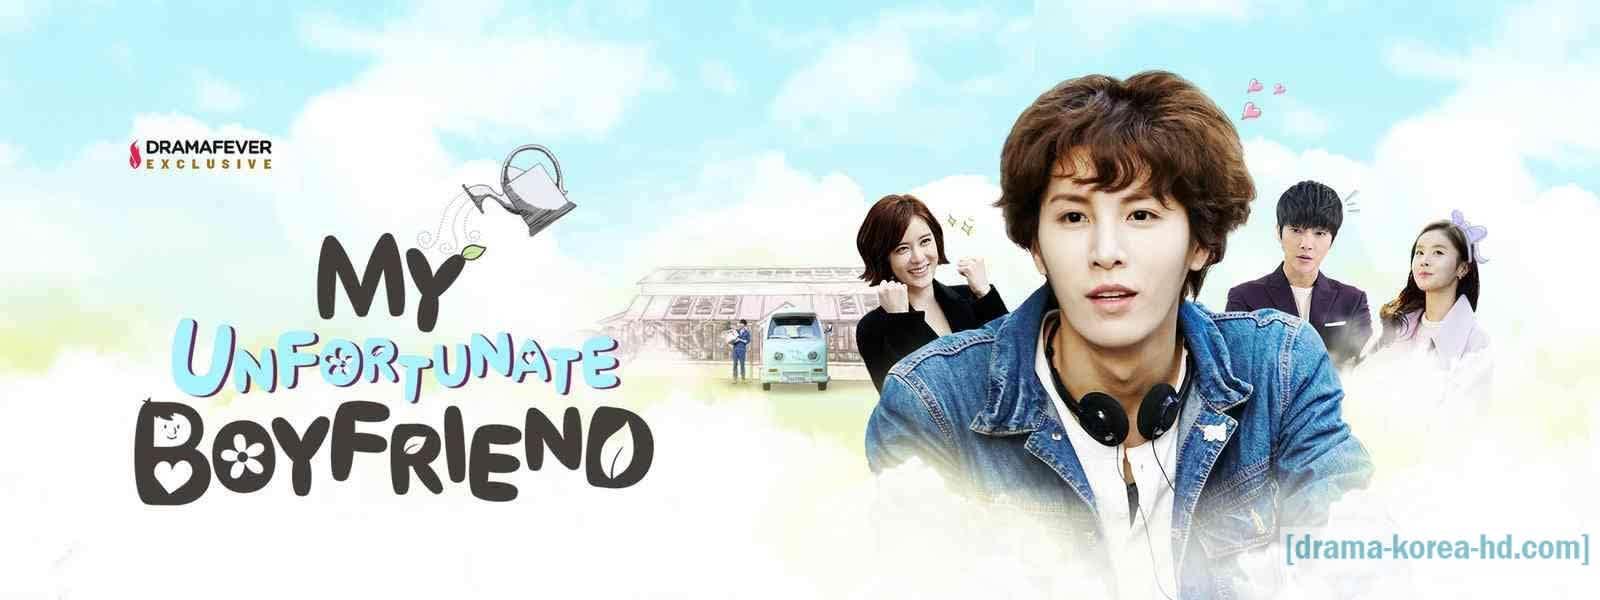 My Unfortunate Boyfriend - semua episode drama korea